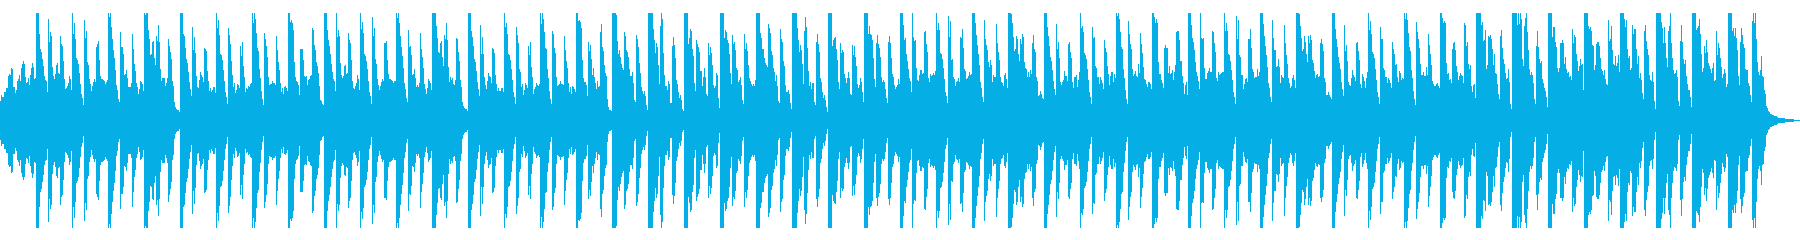 ファンタジー感のある壮大なワルツの再生済みの波形